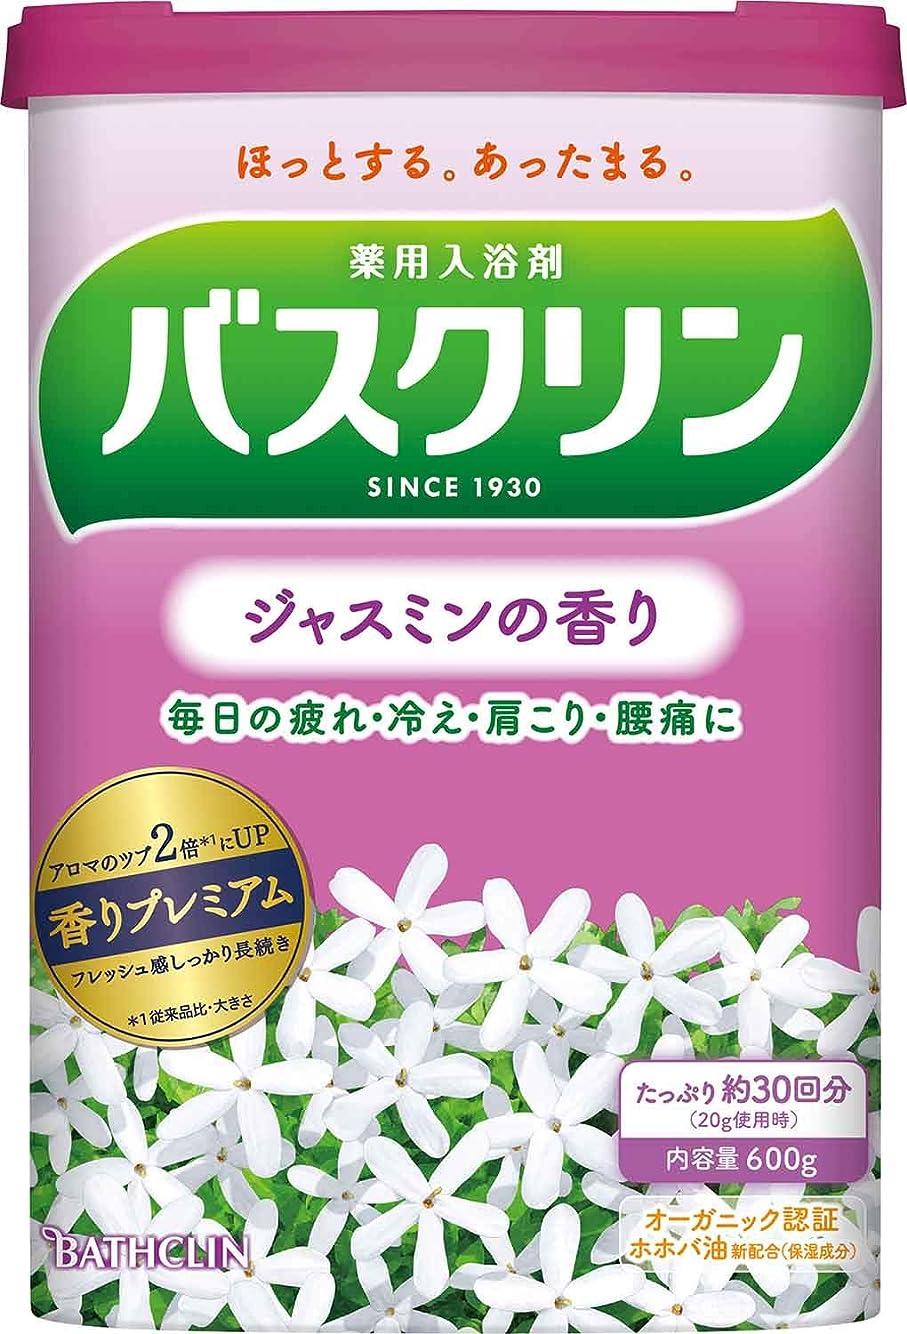 あまりにもパトロン合成【医薬部外品】バスクリン入浴剤 ジャスミンの香り600g(約30回分) 疲労回復